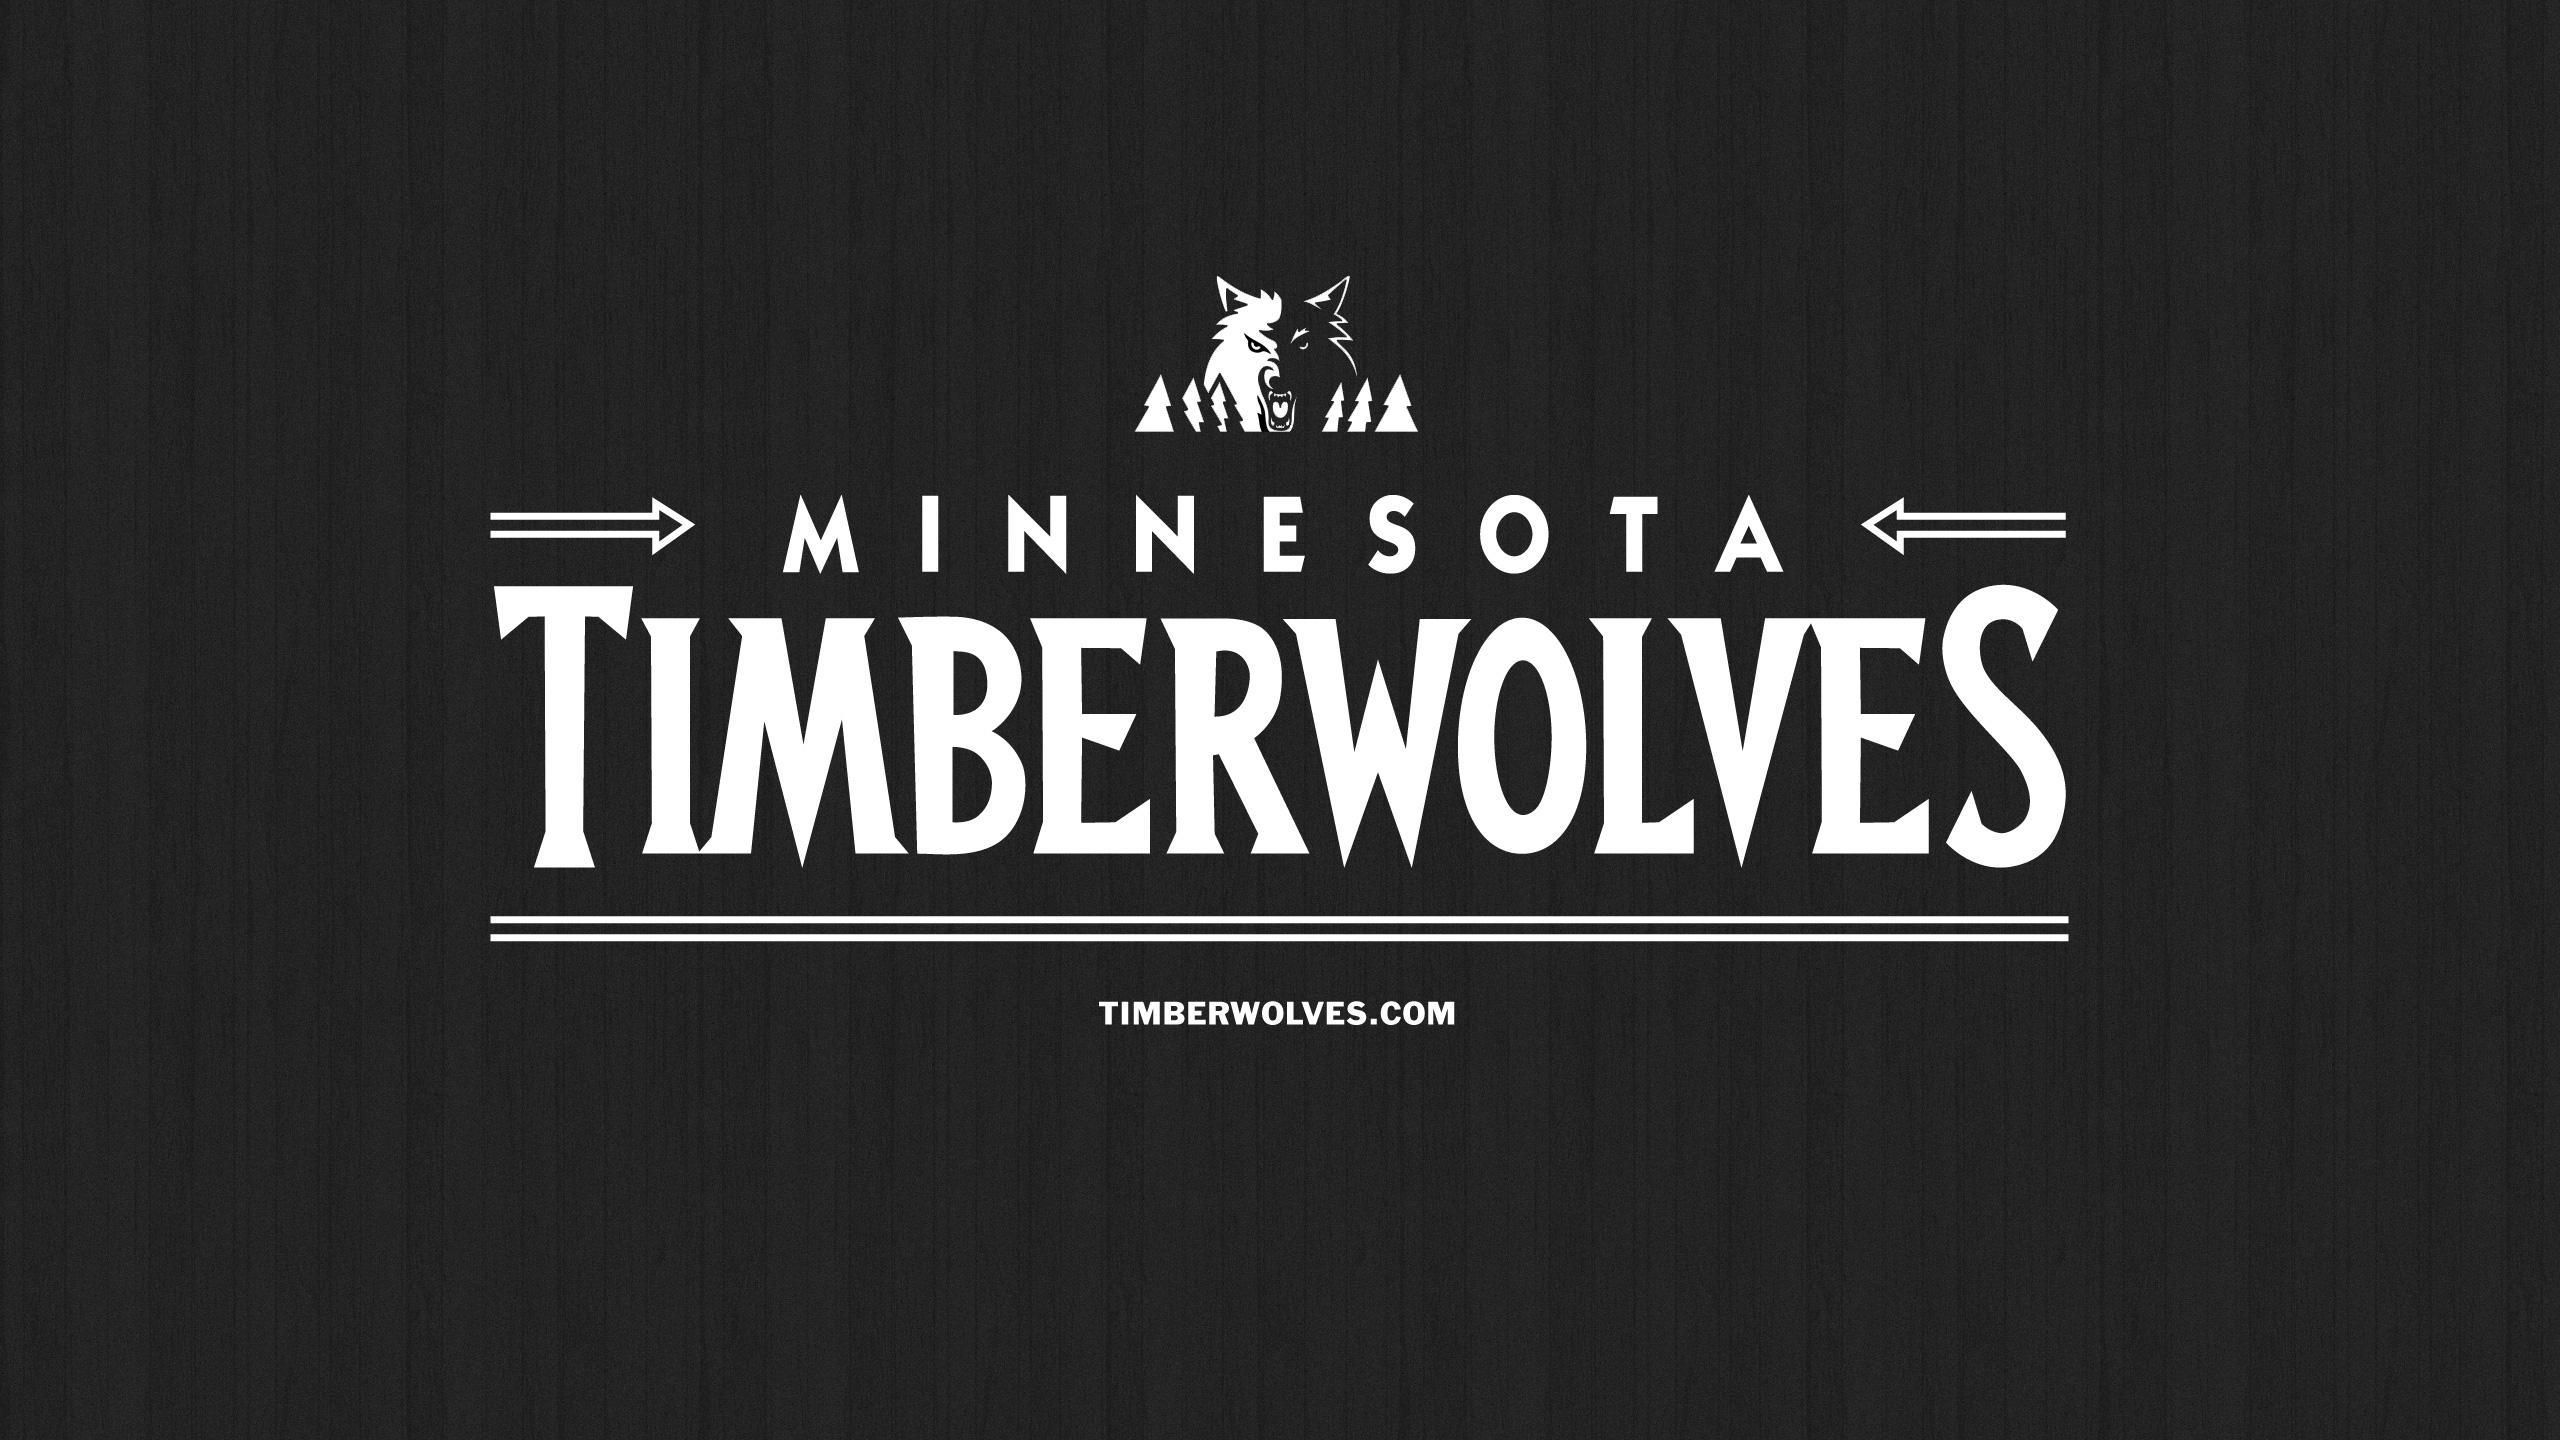 Minnesota timberwolves Wallpaper 13   2560 X 1440 stmednet 2560x1440